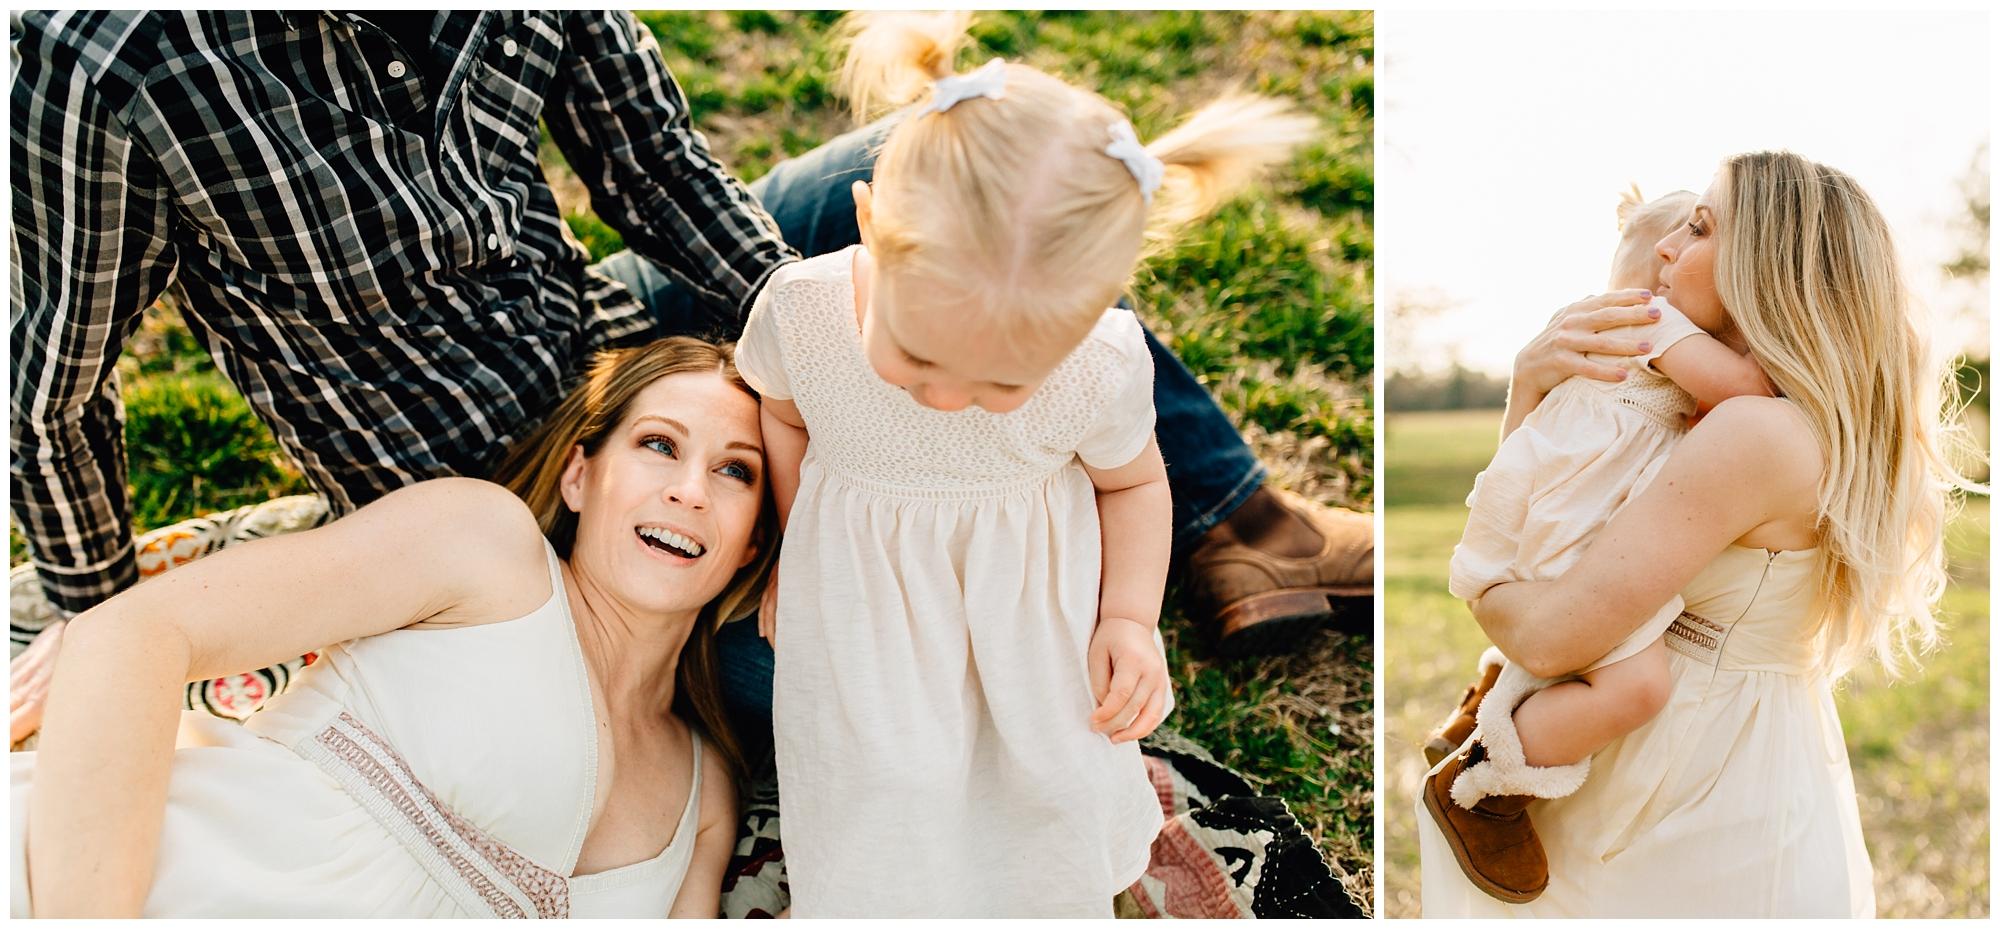 family-maternity-session-1.jpg